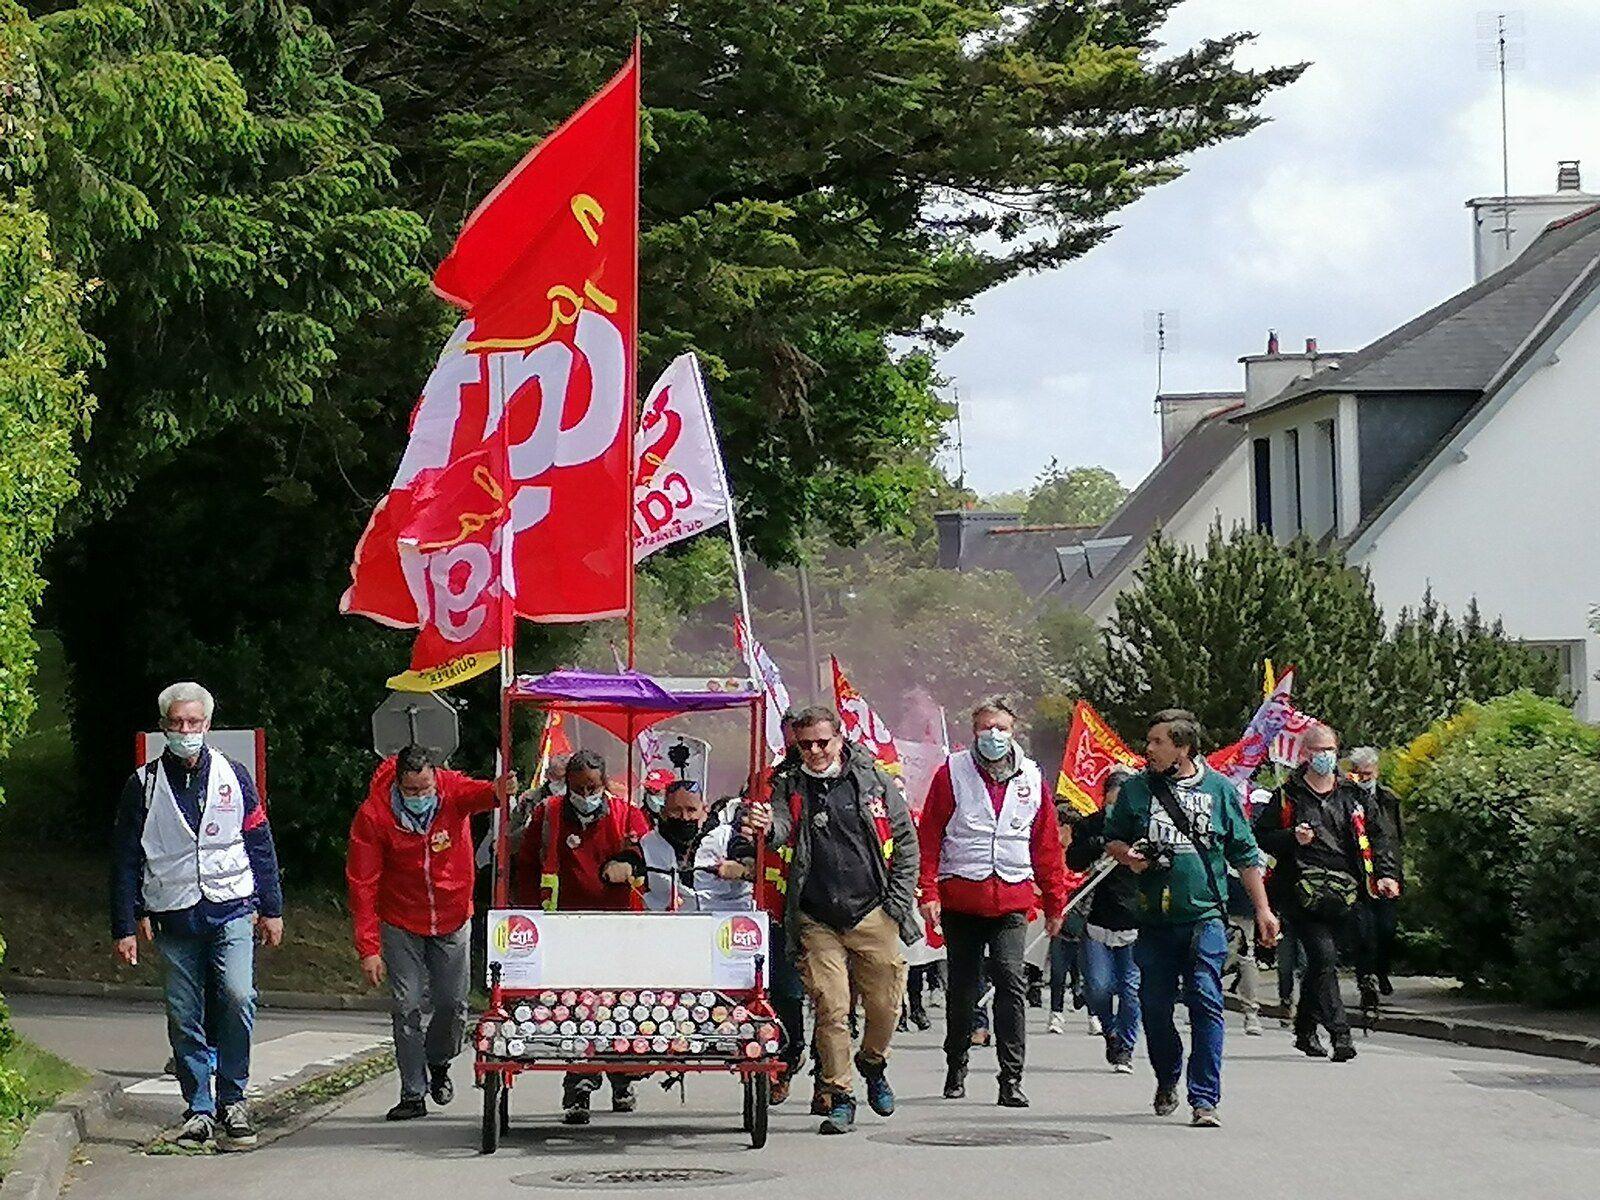 Vendredi 21 mai - Manif à Carhaix avec les personnels du médico-social